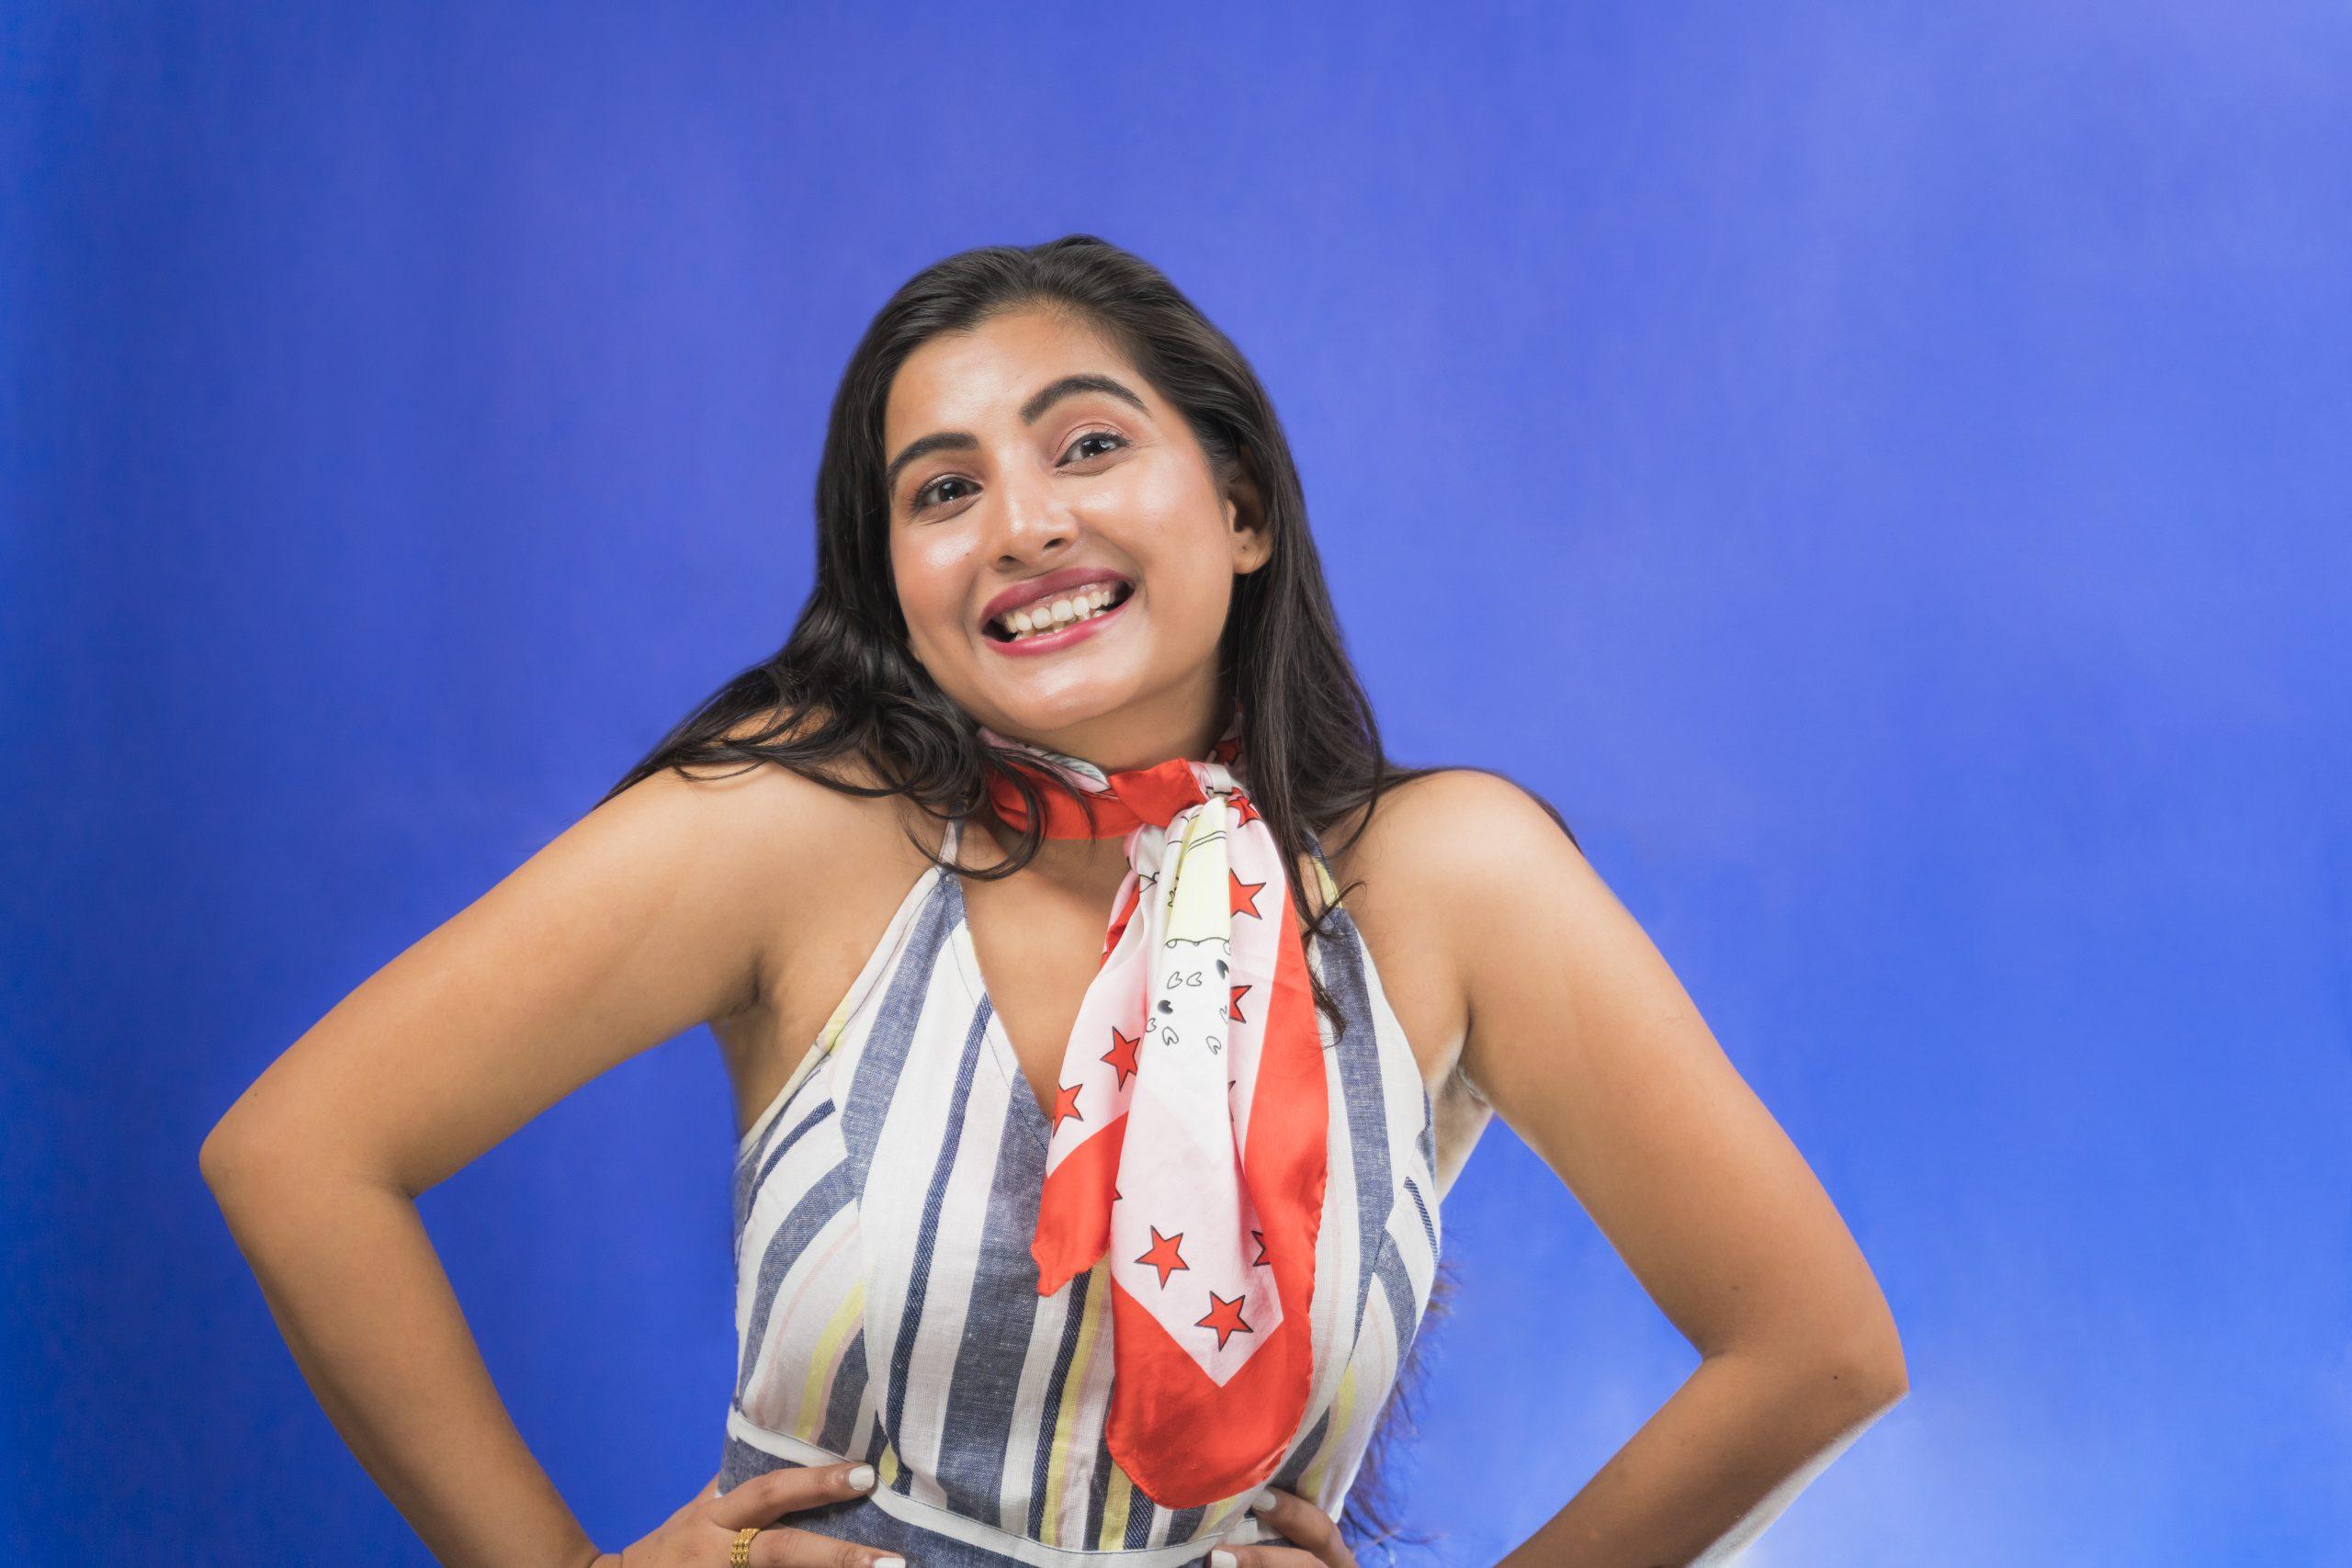 Happy indian girl shoulder shrugged